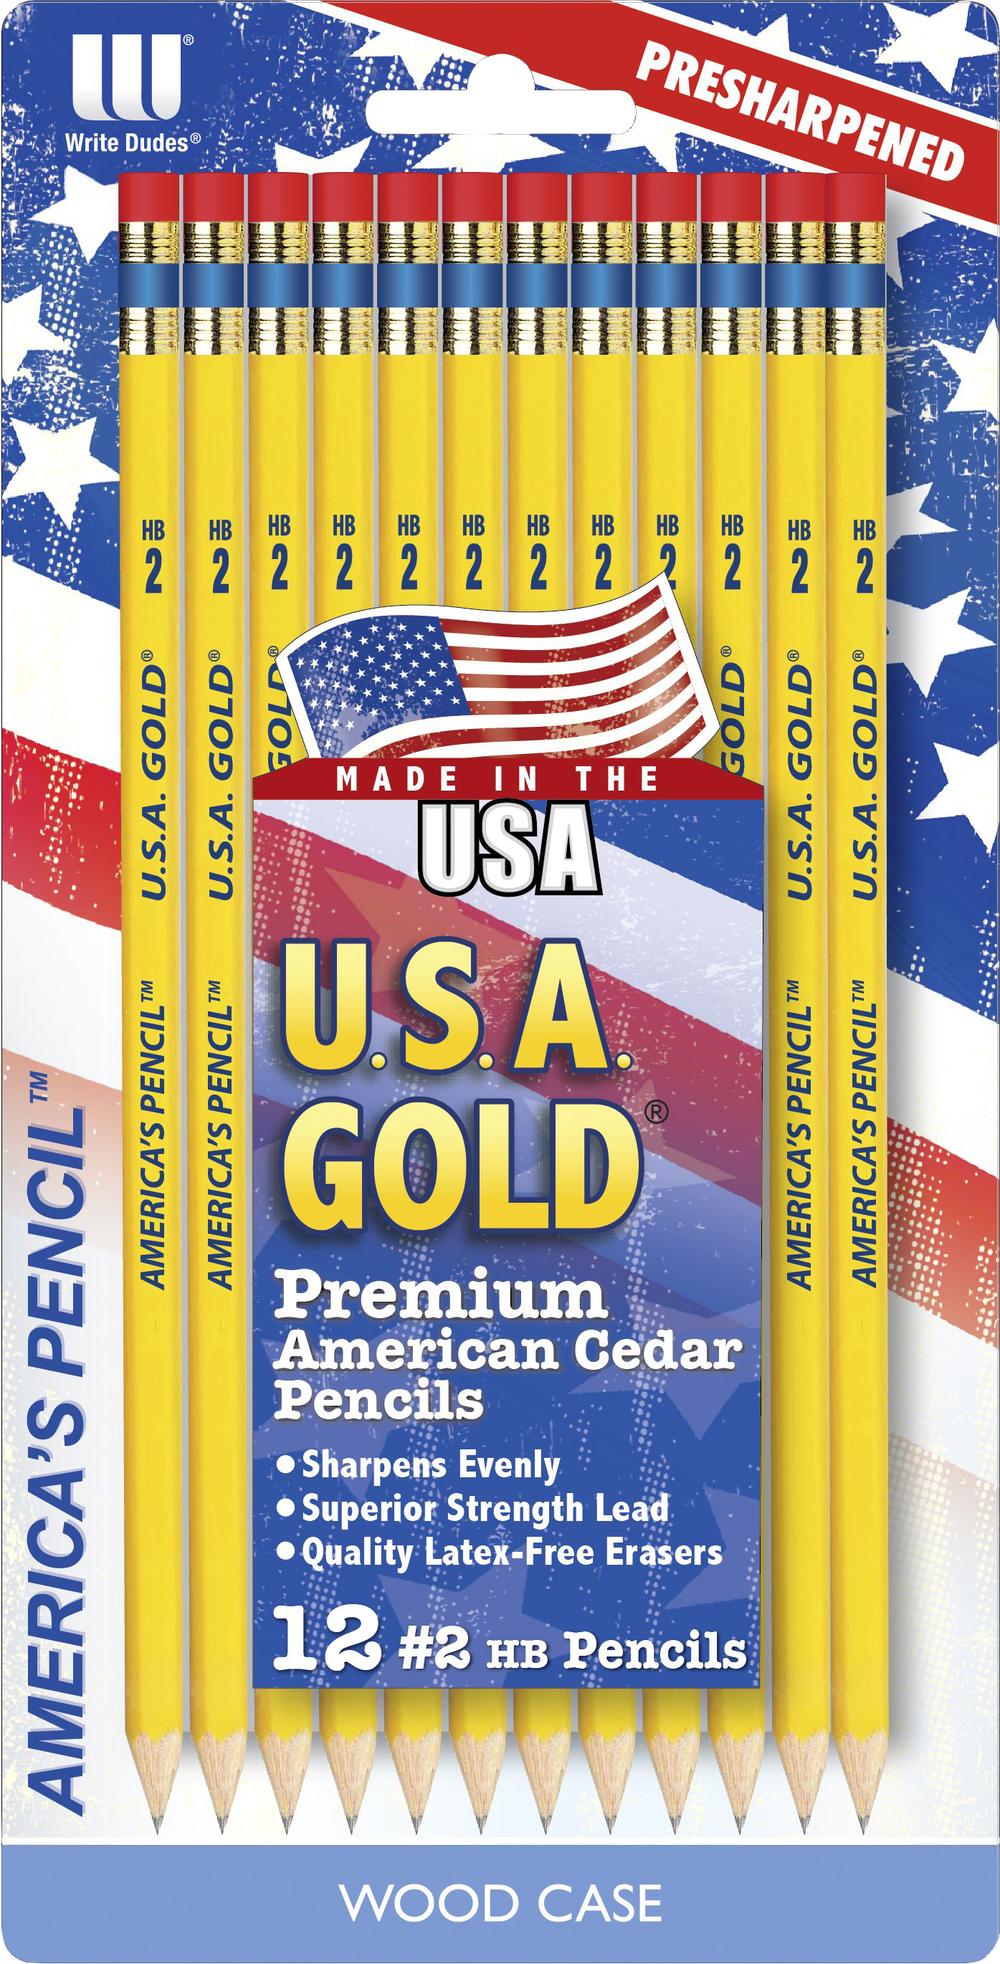 Premium Wooden Pencils